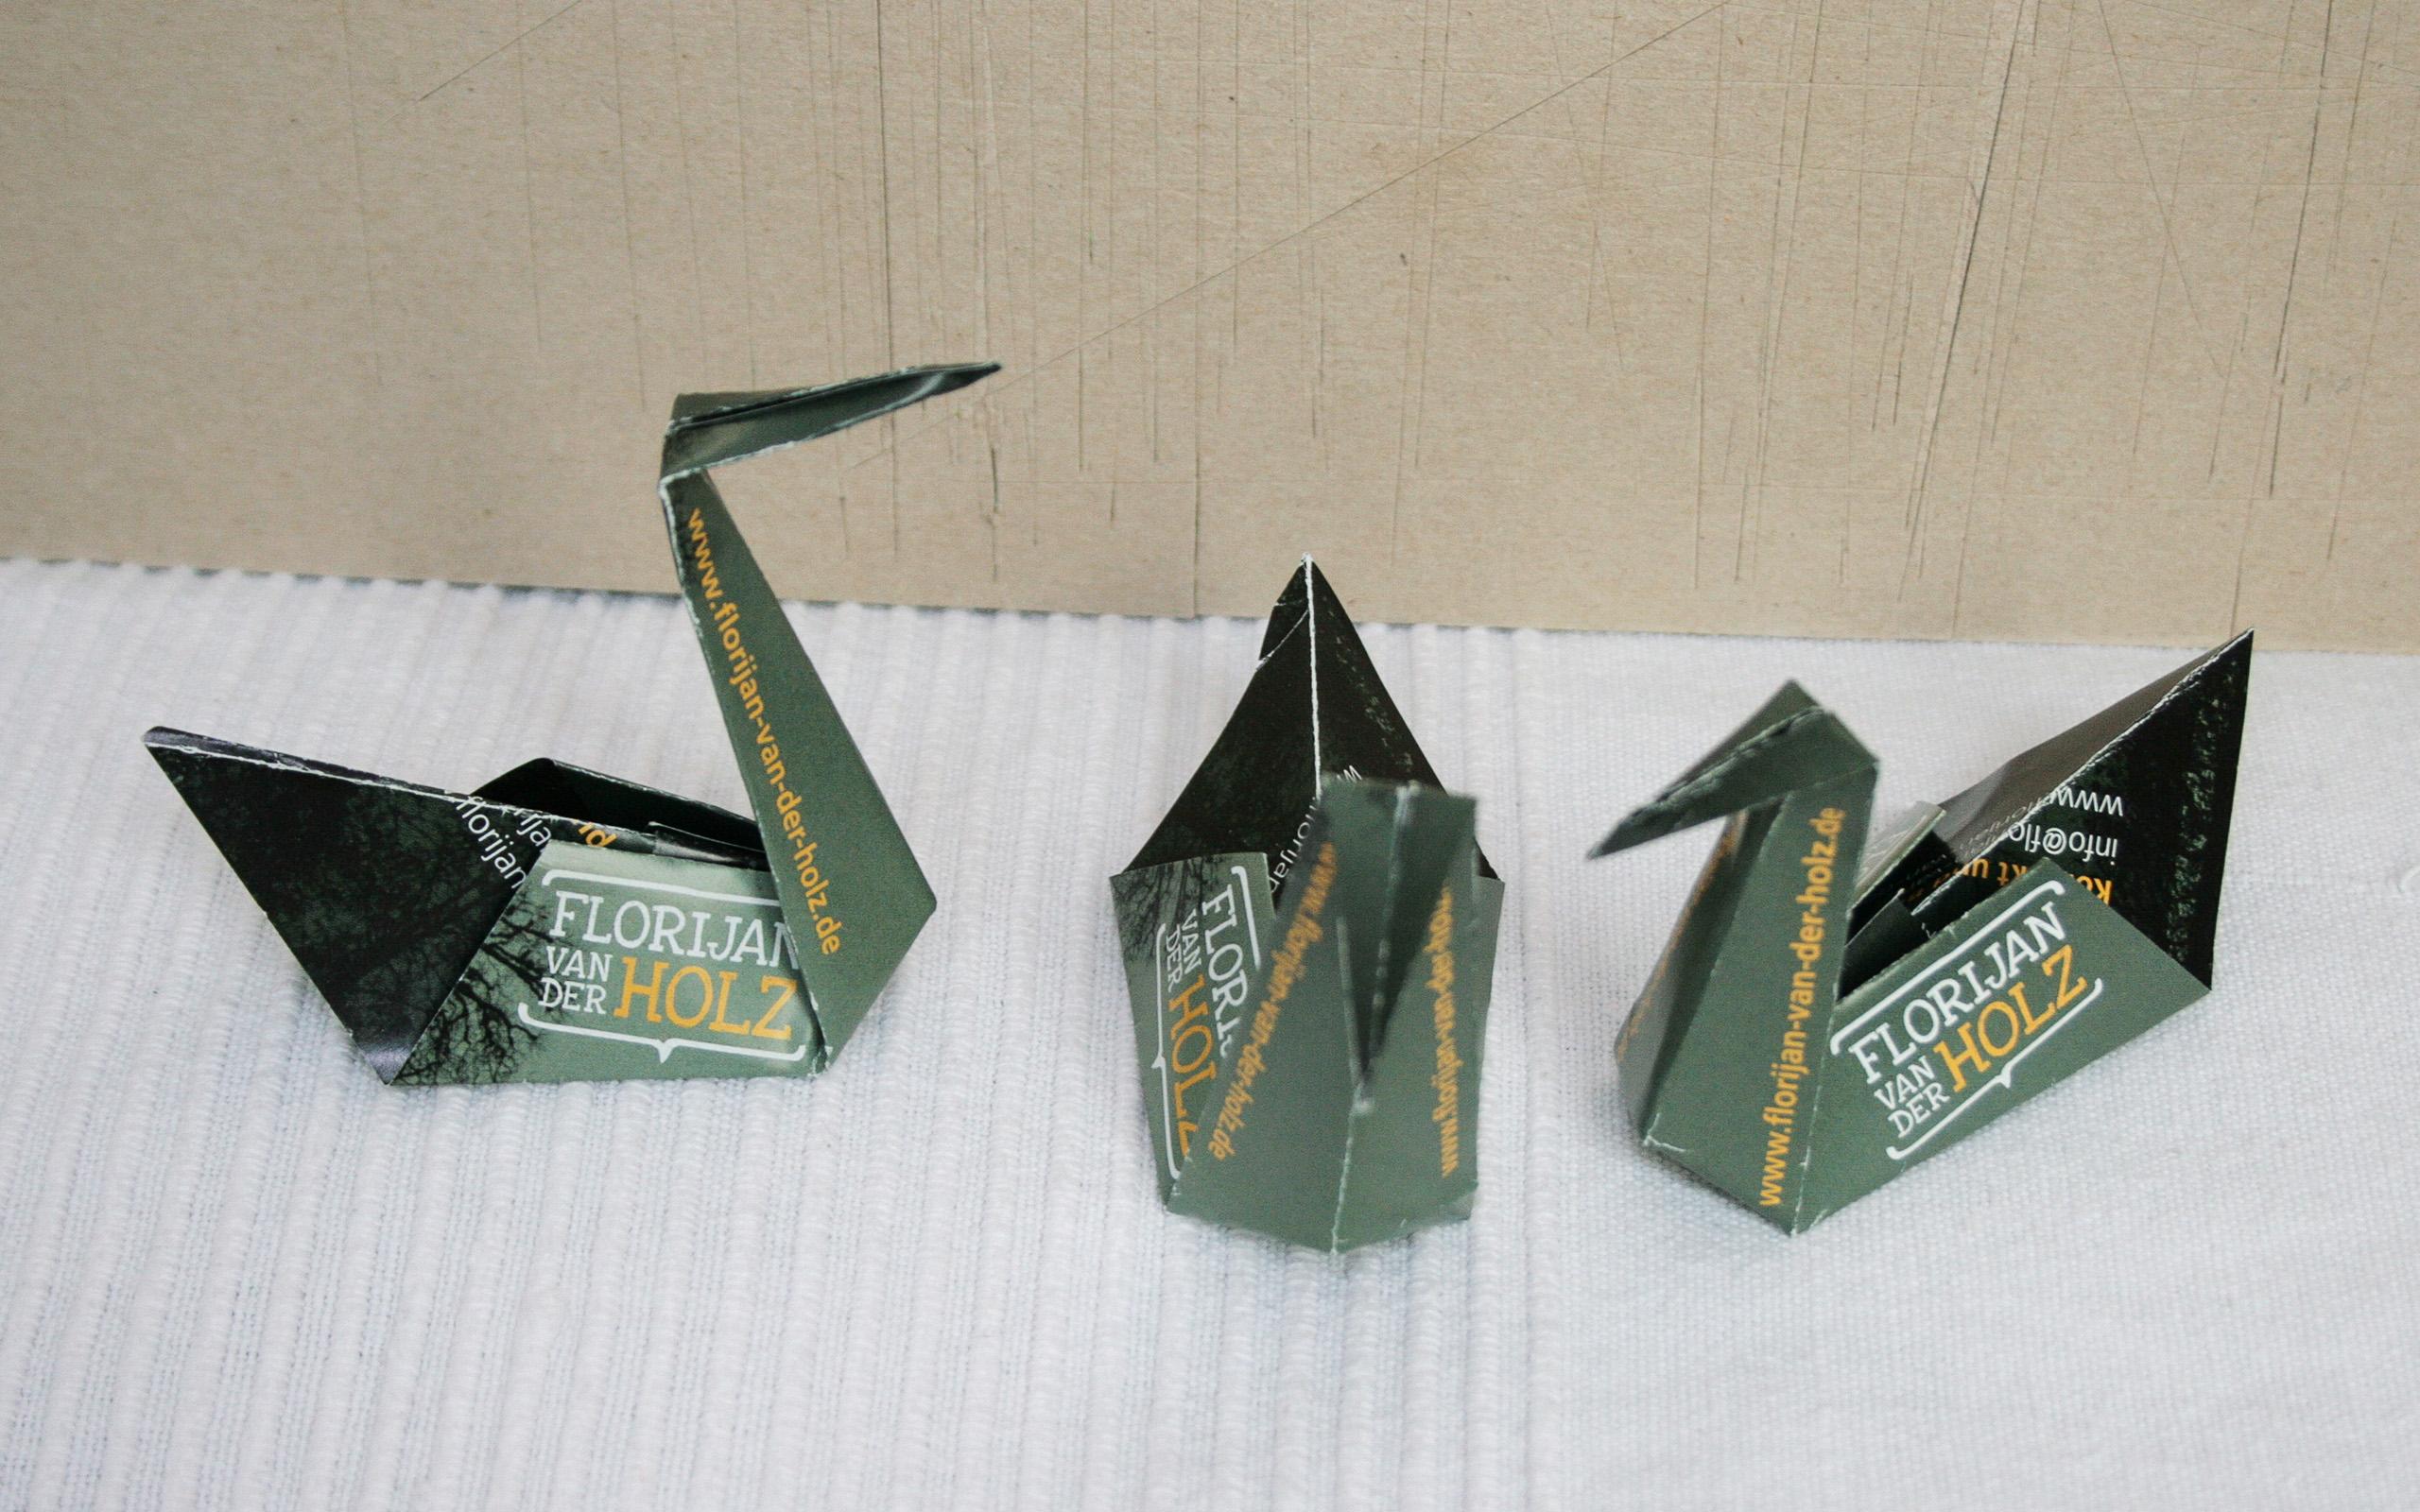 Origamischwäne Florijan van der Holz